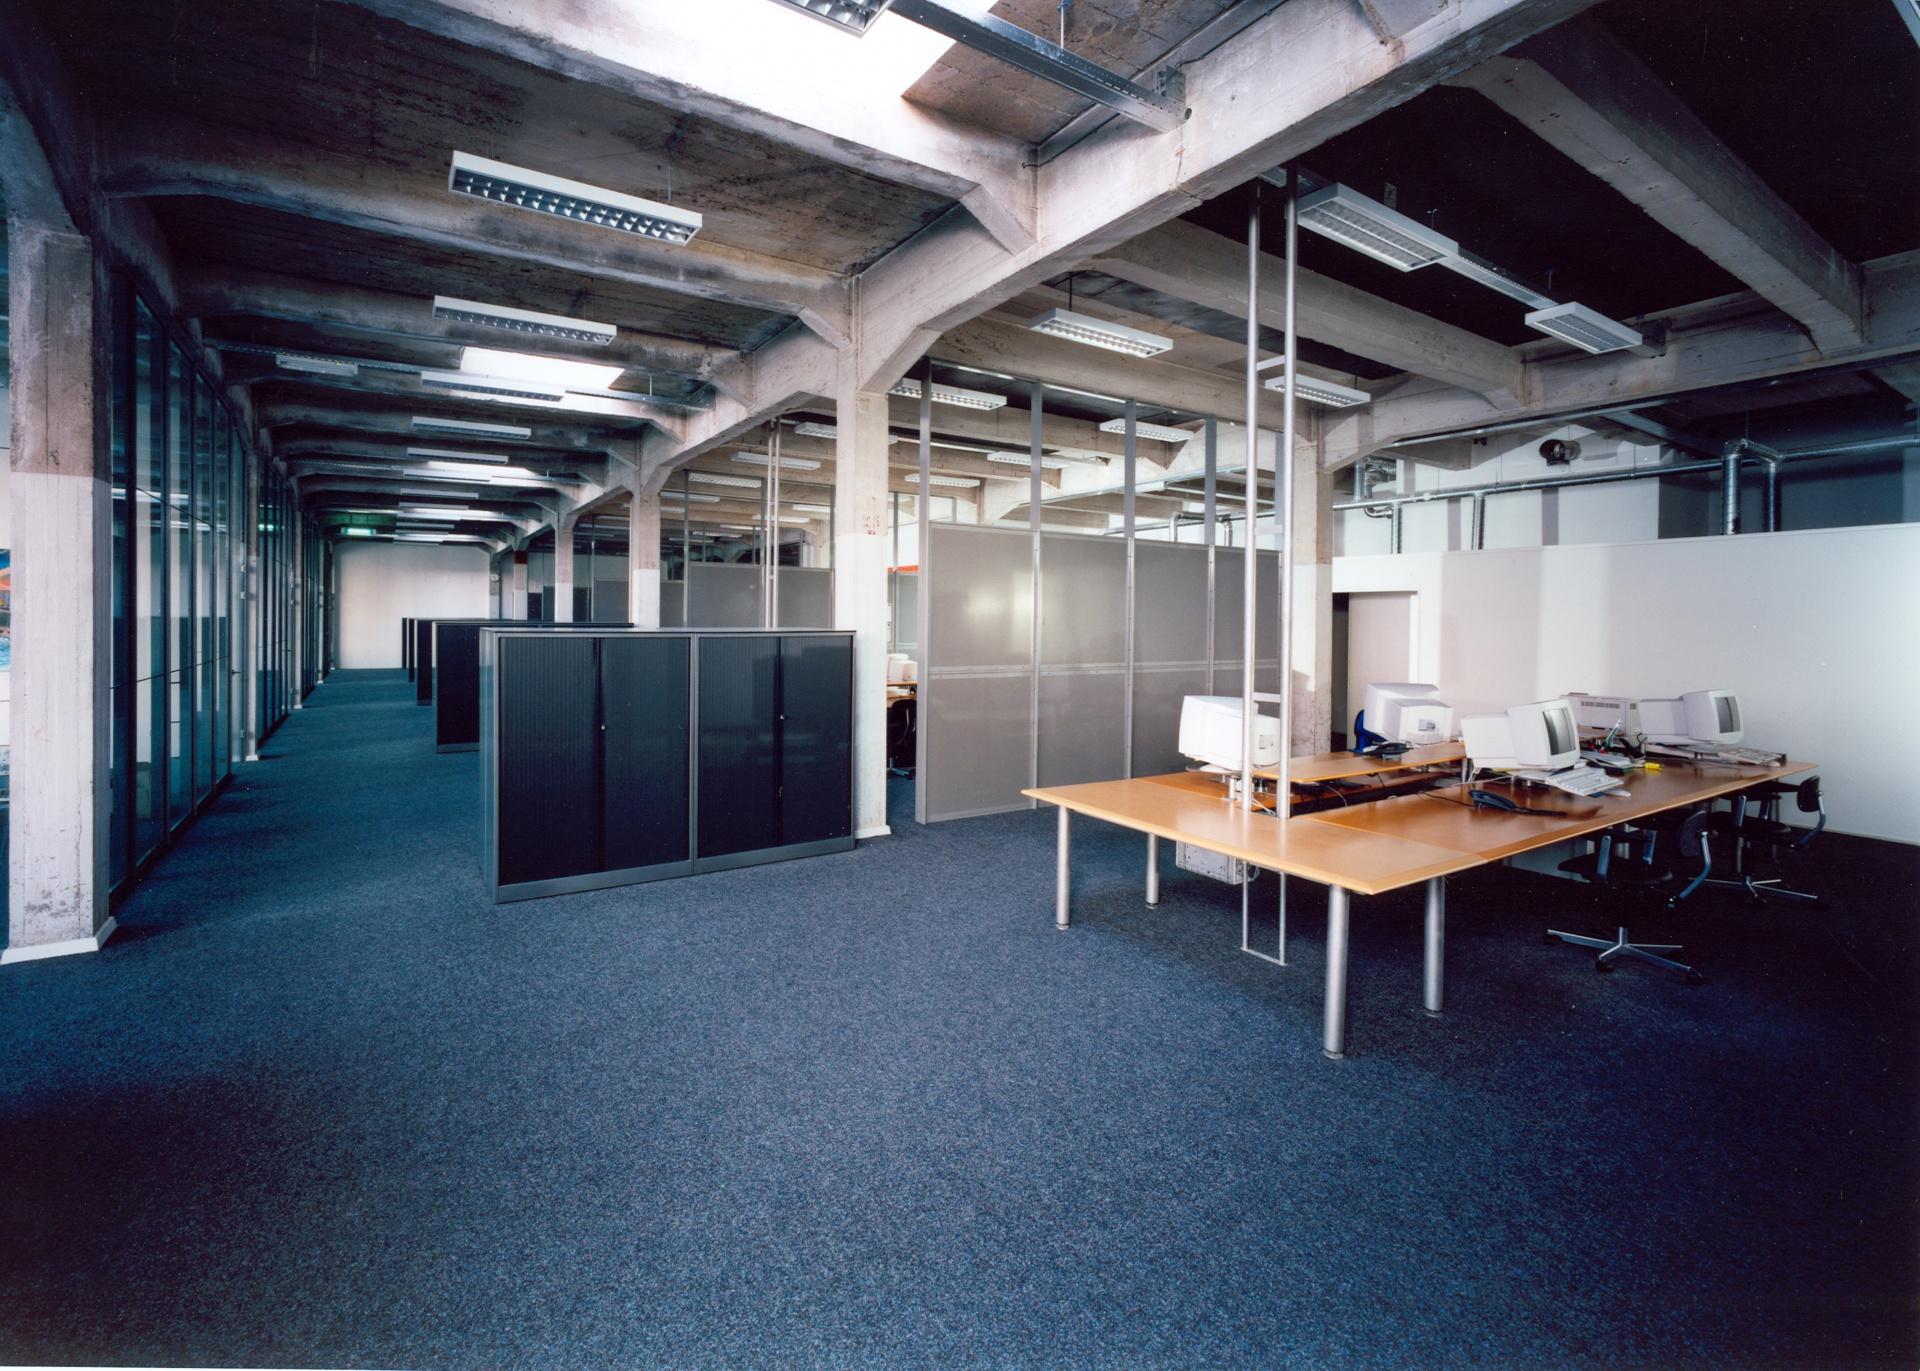 Interieur kantoor De Key - Hans van Heeswijk architecten